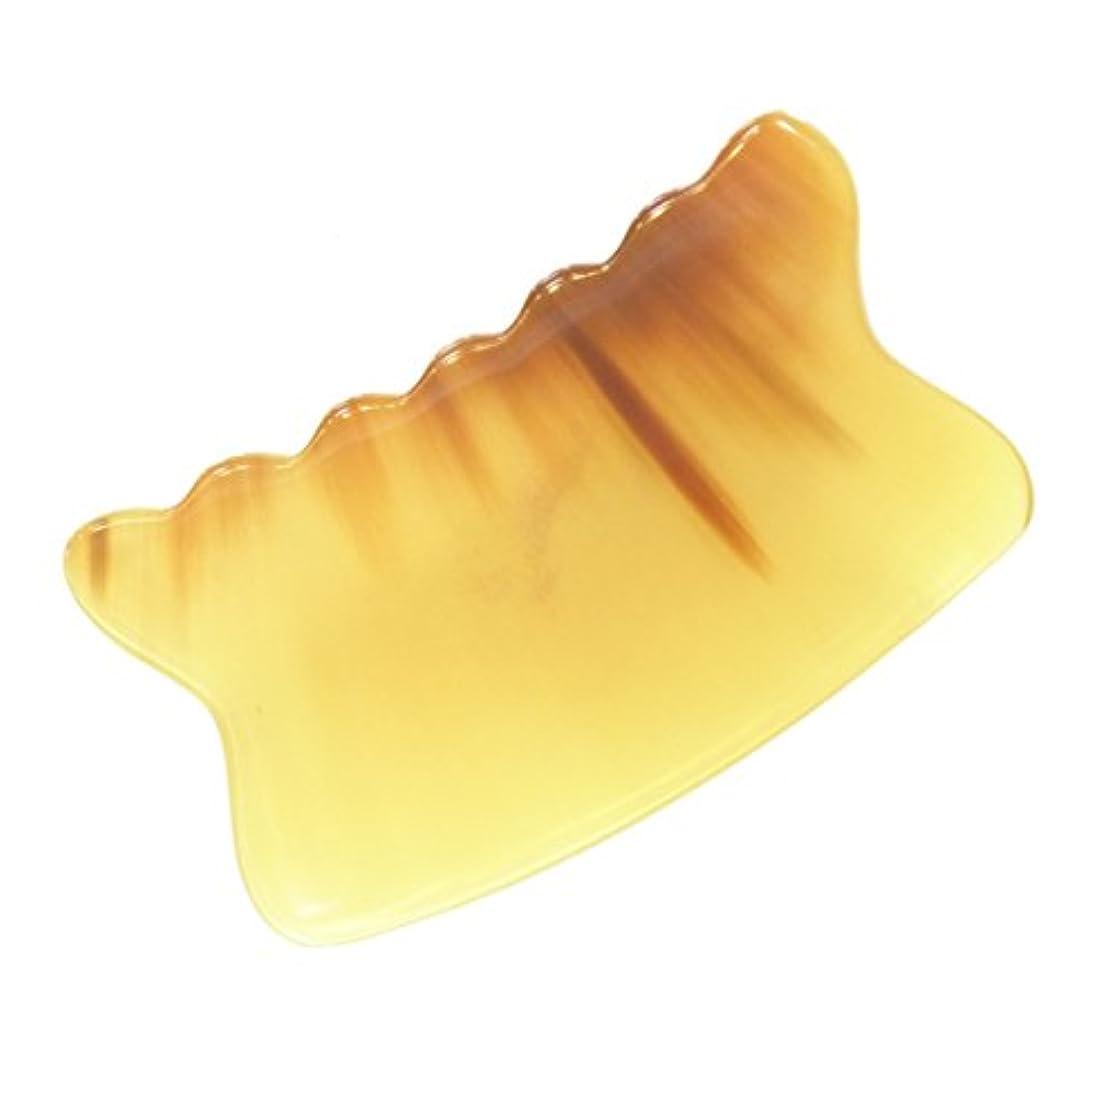 テレビを見る割るオデュッセウスかっさ プレート 厚さが選べる 水牛の角(黄水牛角) EHE226SP 曲波型 特級品 厚め(6ミリ程度)